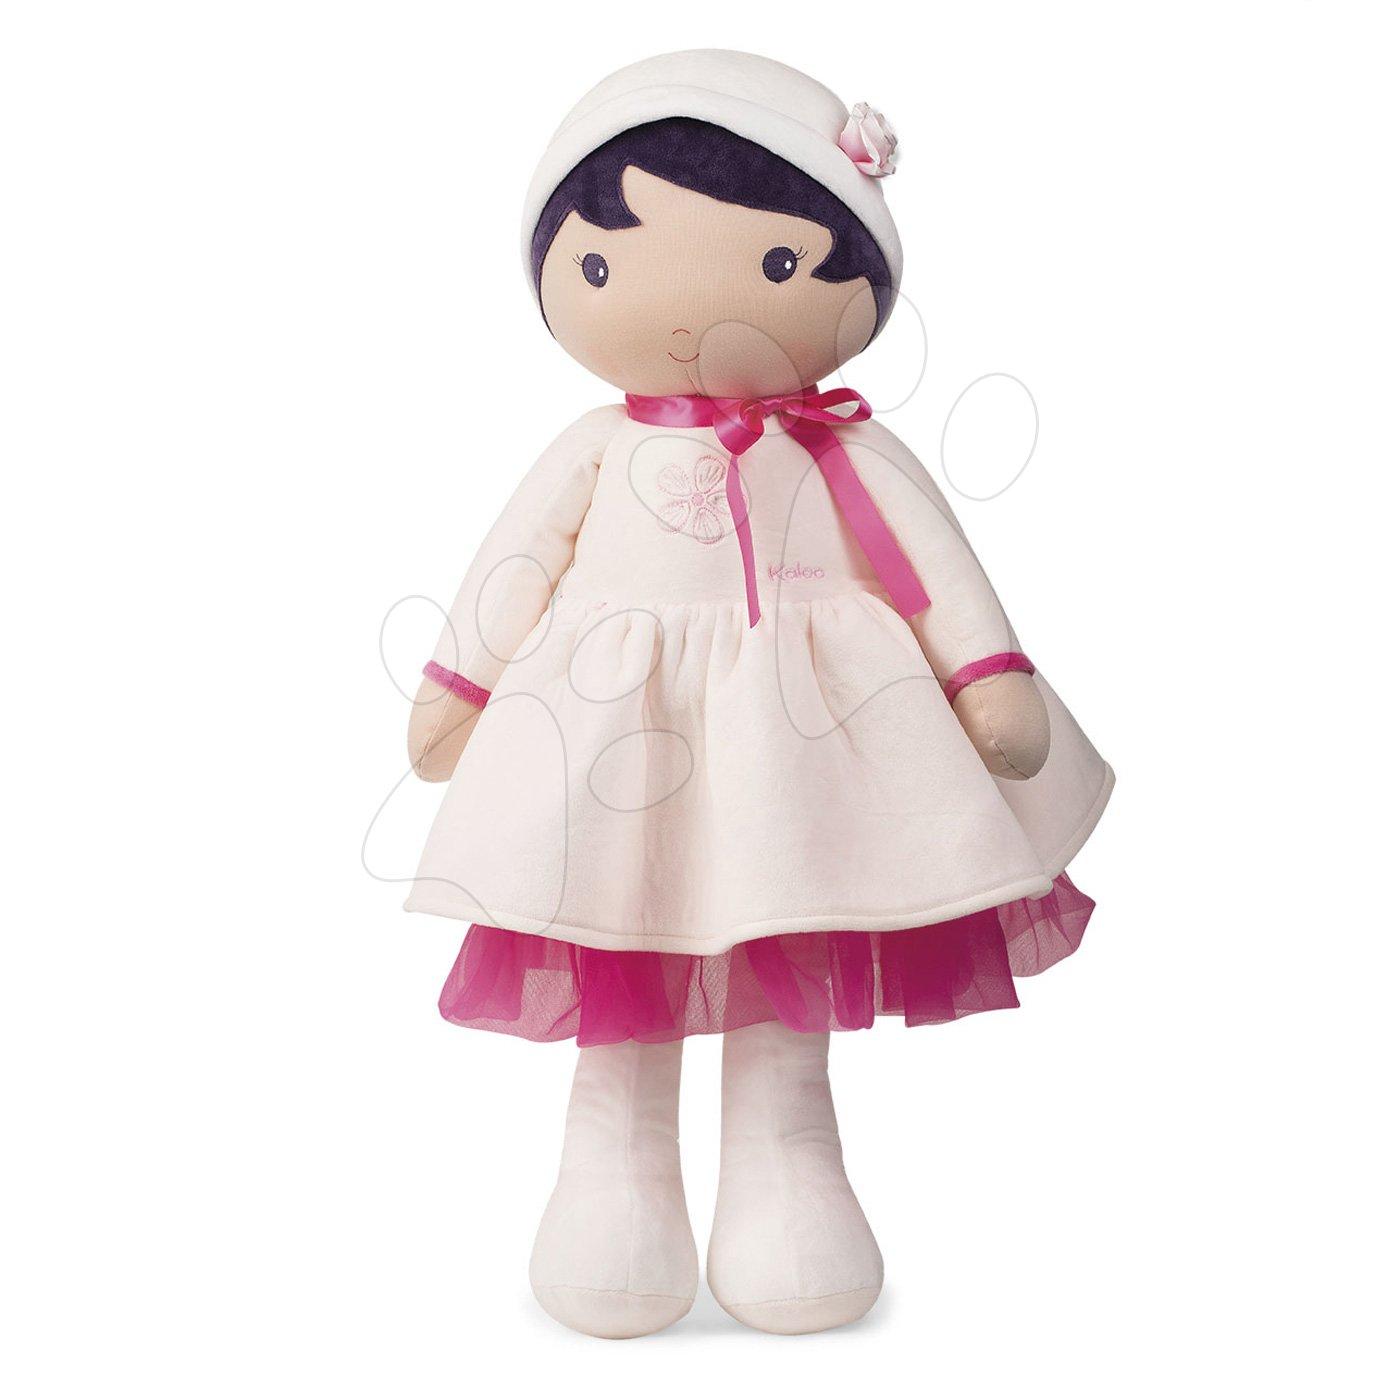 Hadrové panenky - Panenka pro miminka Perle K Tendresse doll XXL Kaloo 80 cm v bílých šatech z jemného textilu od 0 měsíců